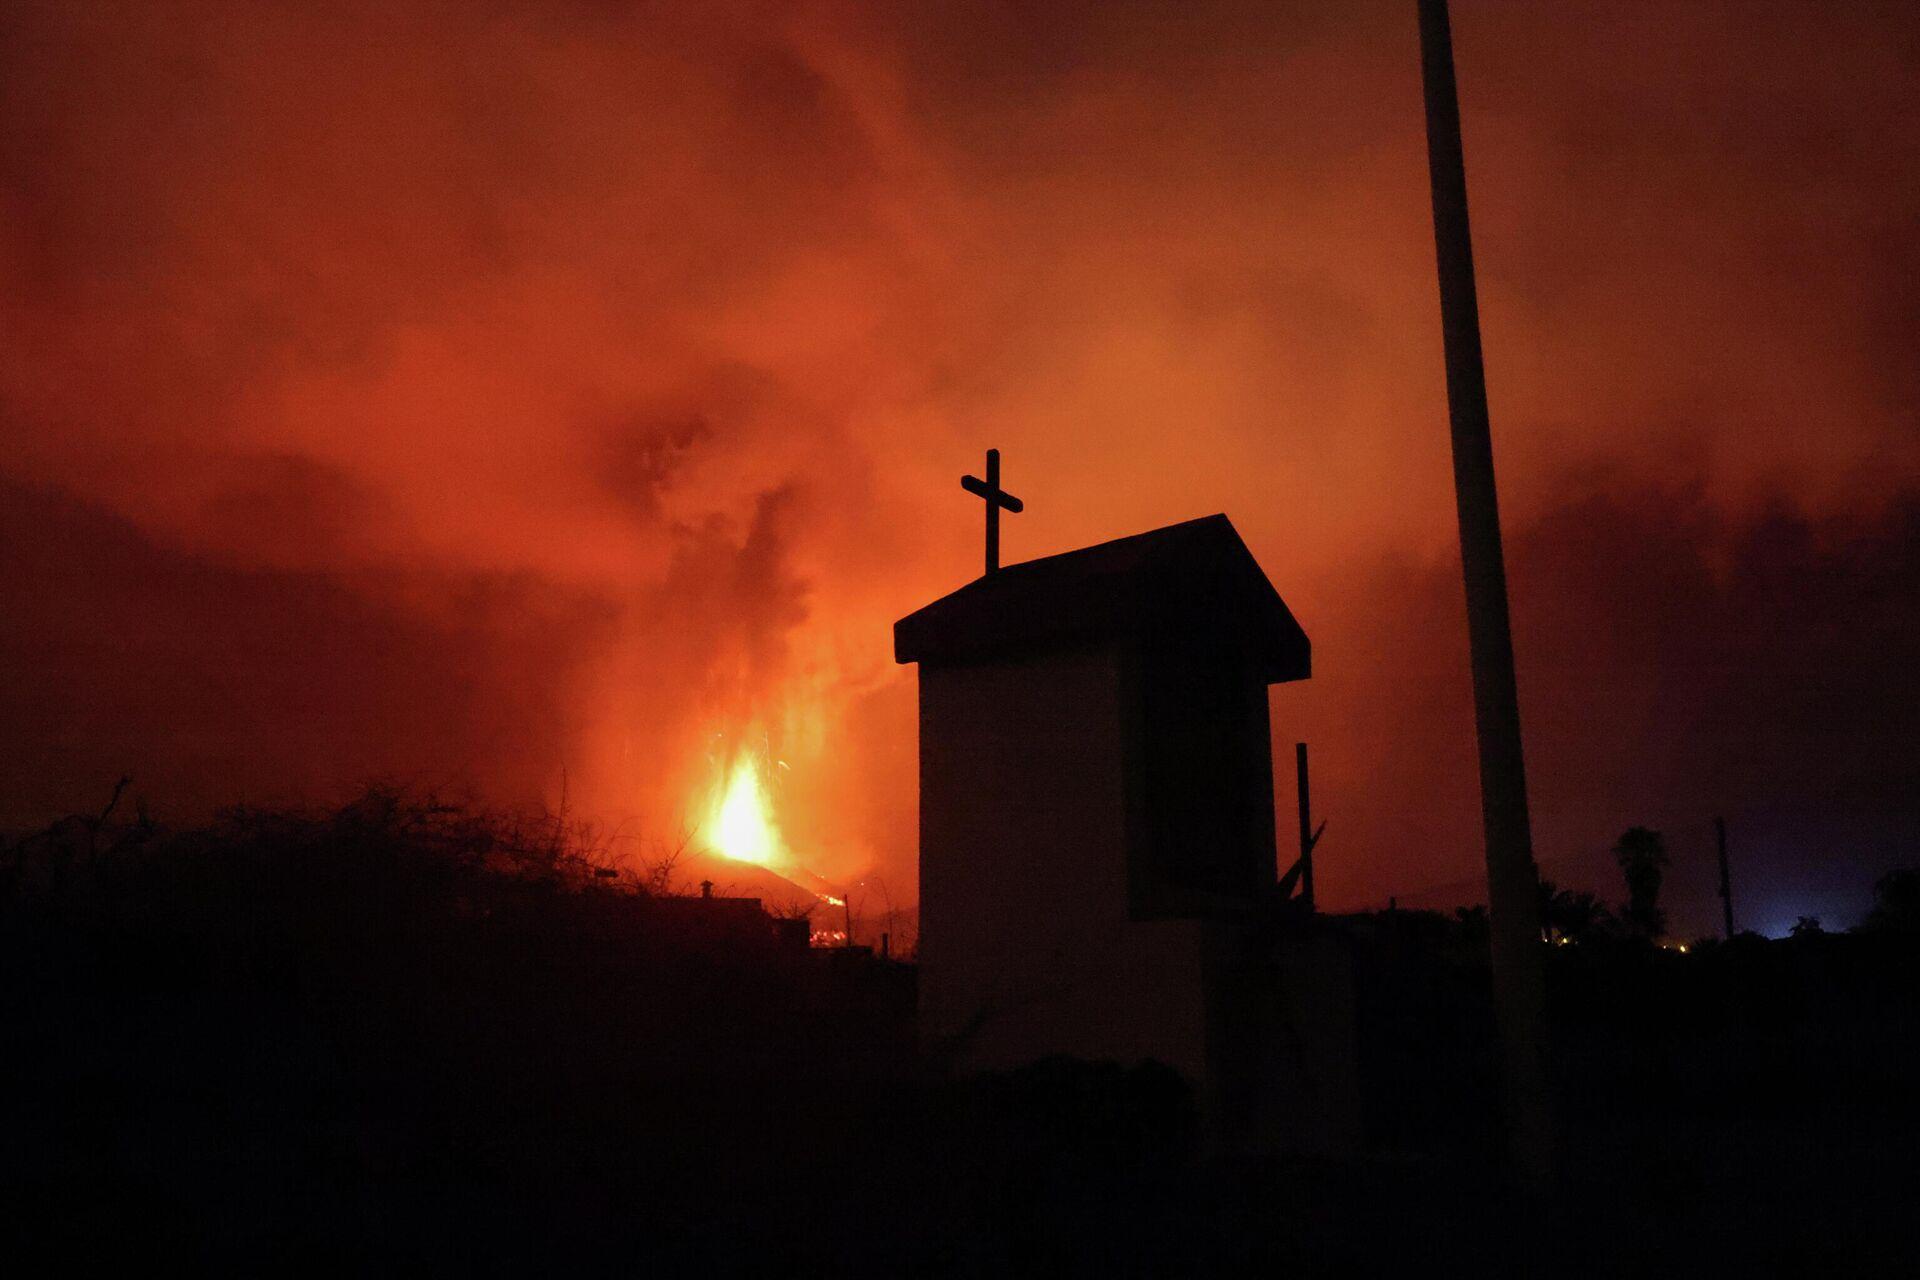 Lava nakon erupcije vulkana u Los Ljanos de Arijdane, na Kanarskom ostrvu La Palma - Sputnik Srbija, 1920, 24.09.2021